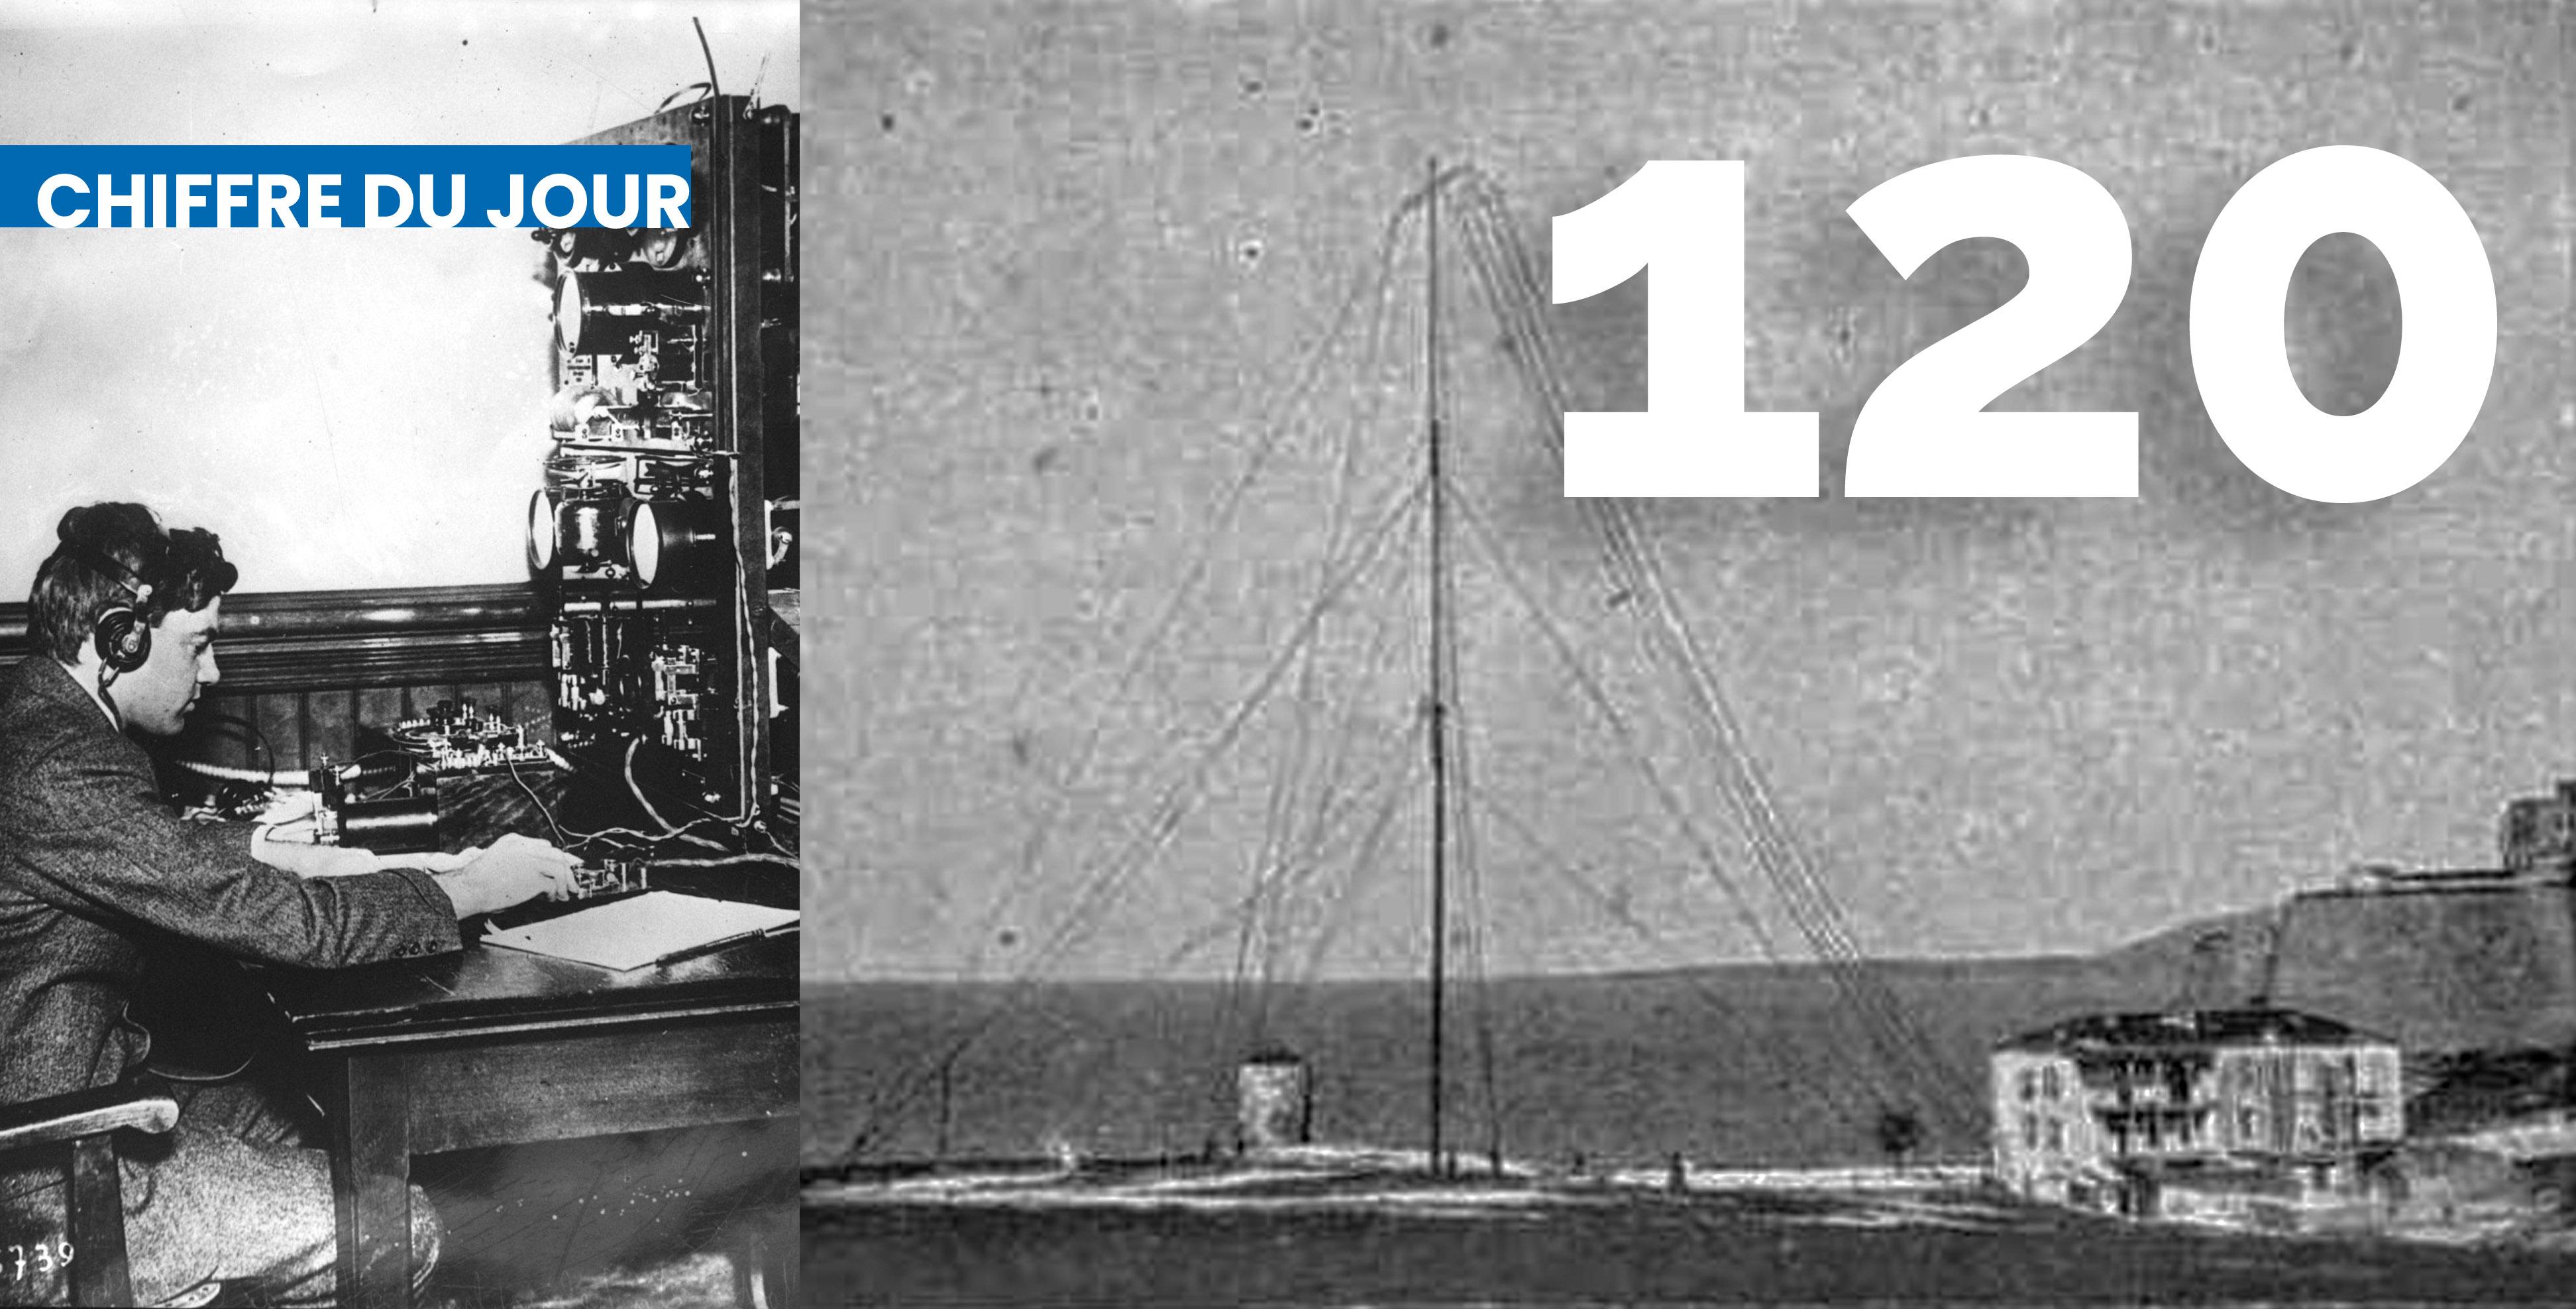 Le chiffre du jour : 120 ans